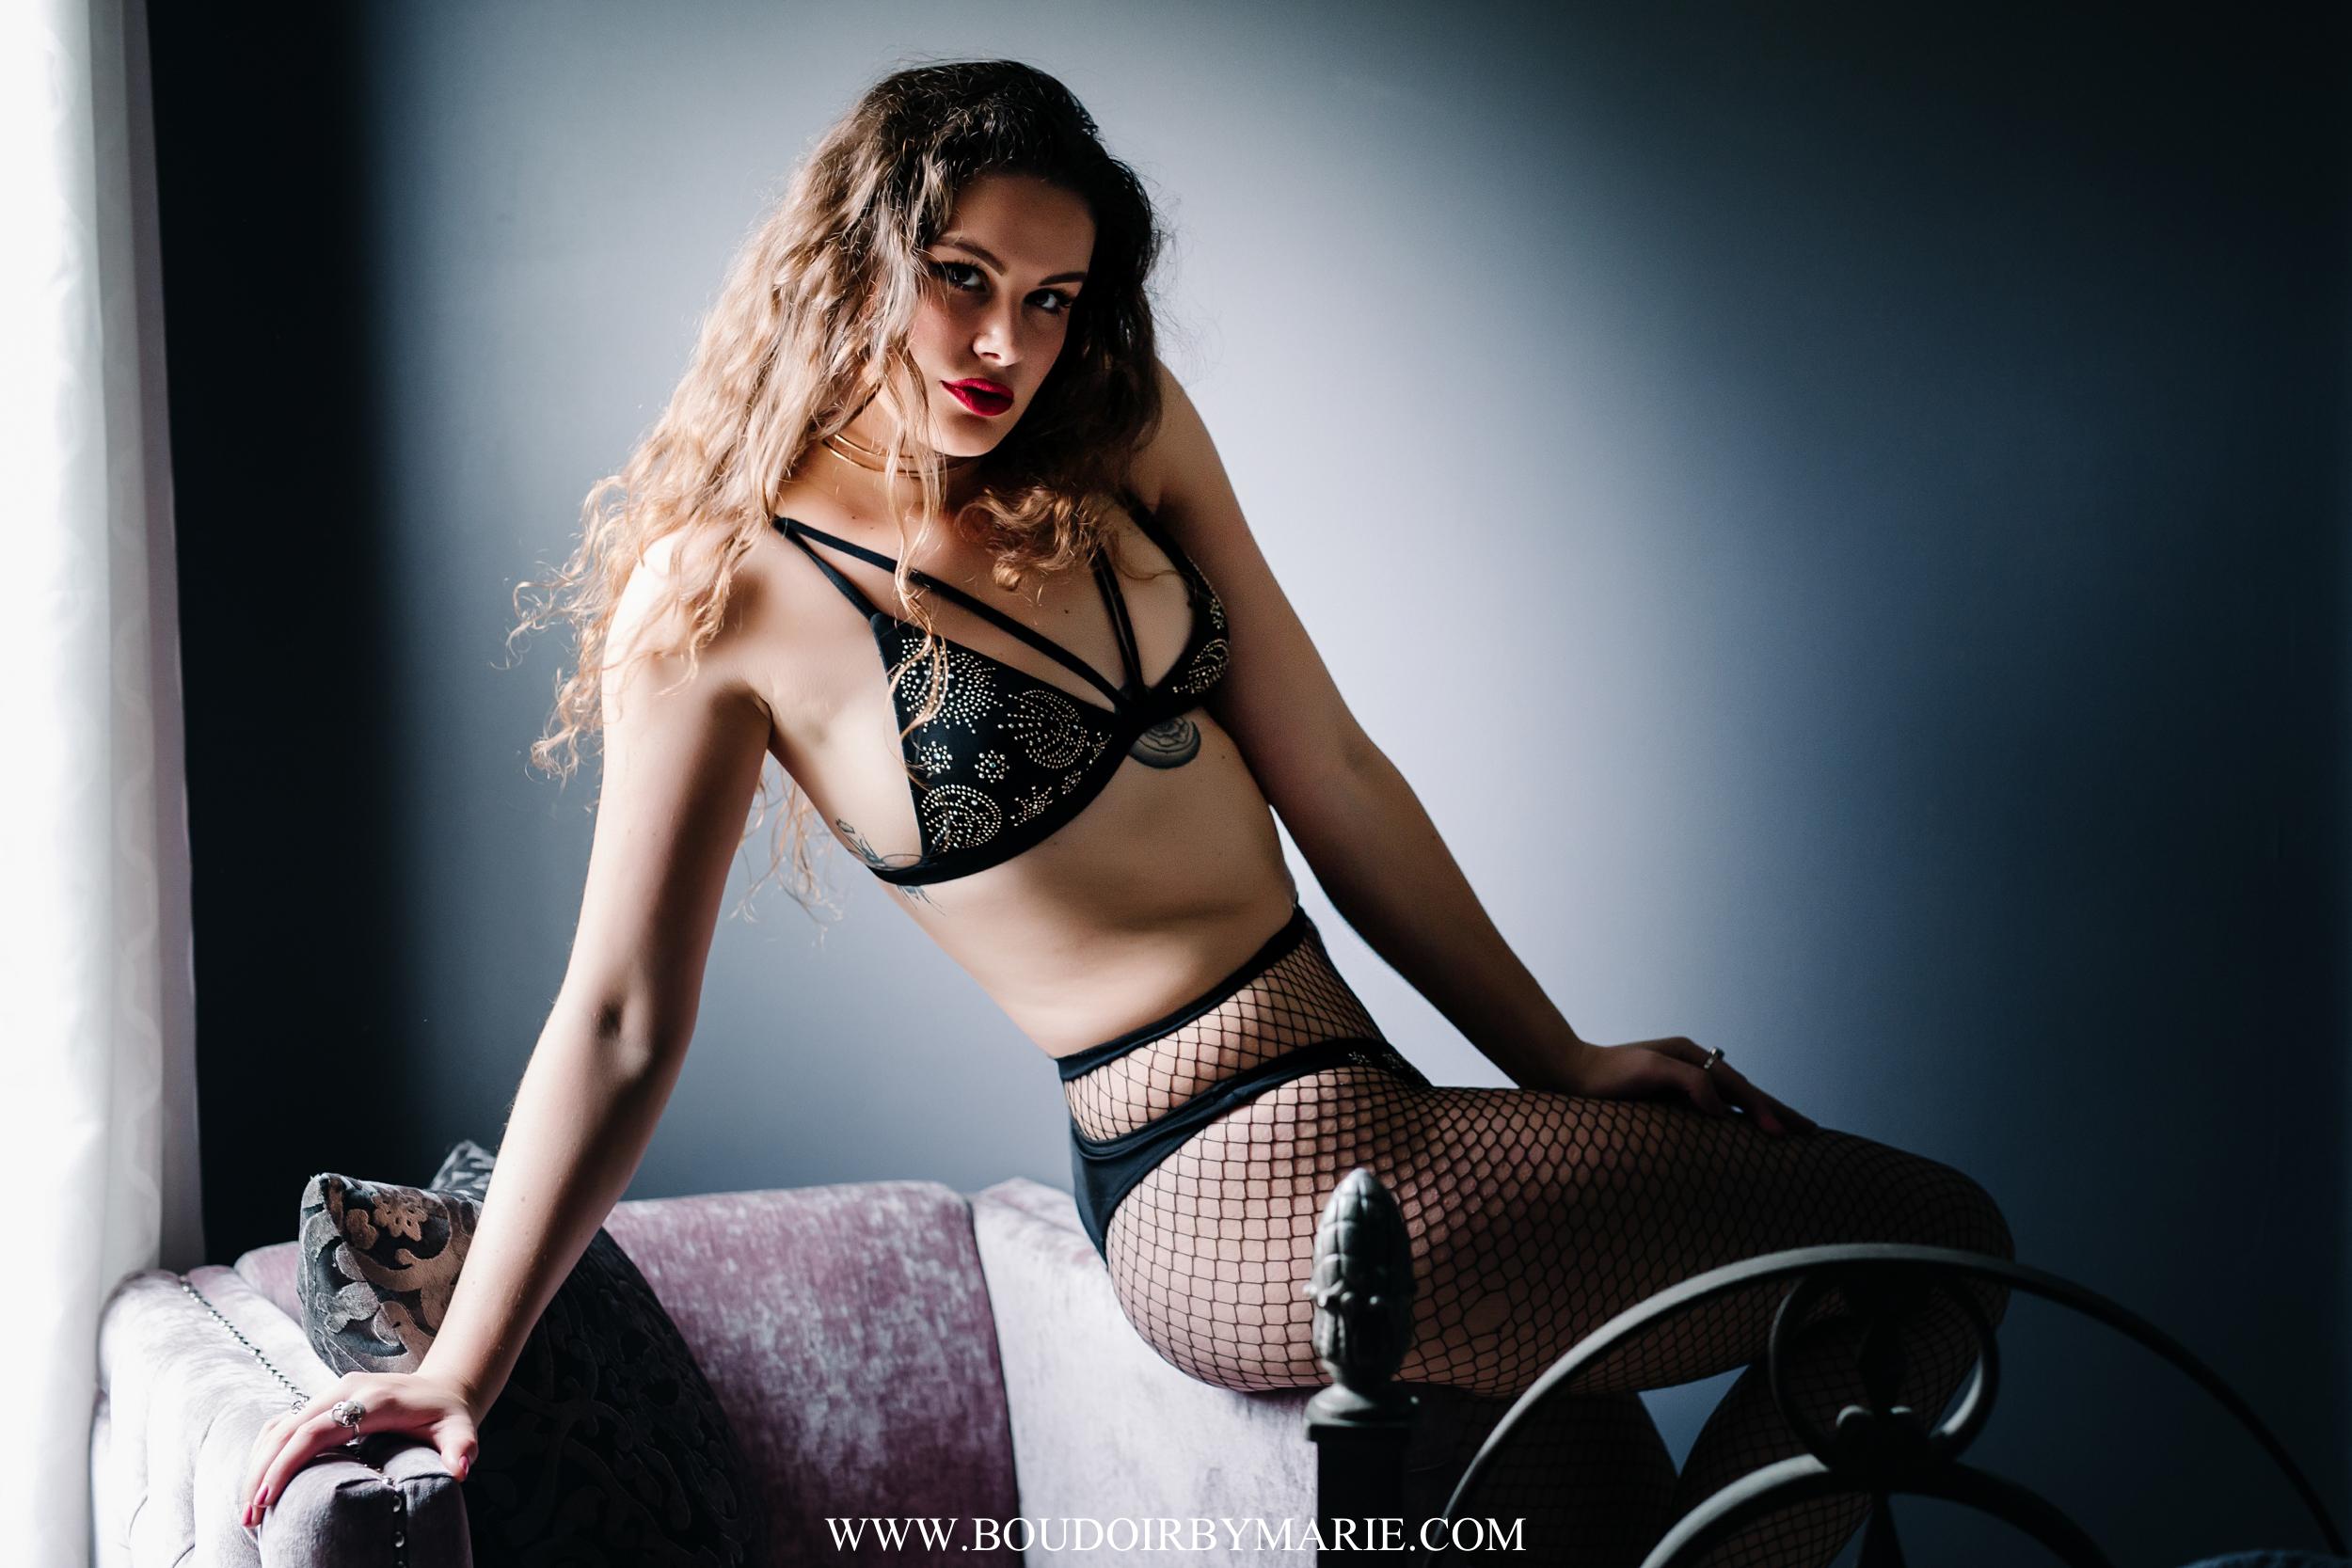 BoudoirbyMarie-Kylie-23.jpg